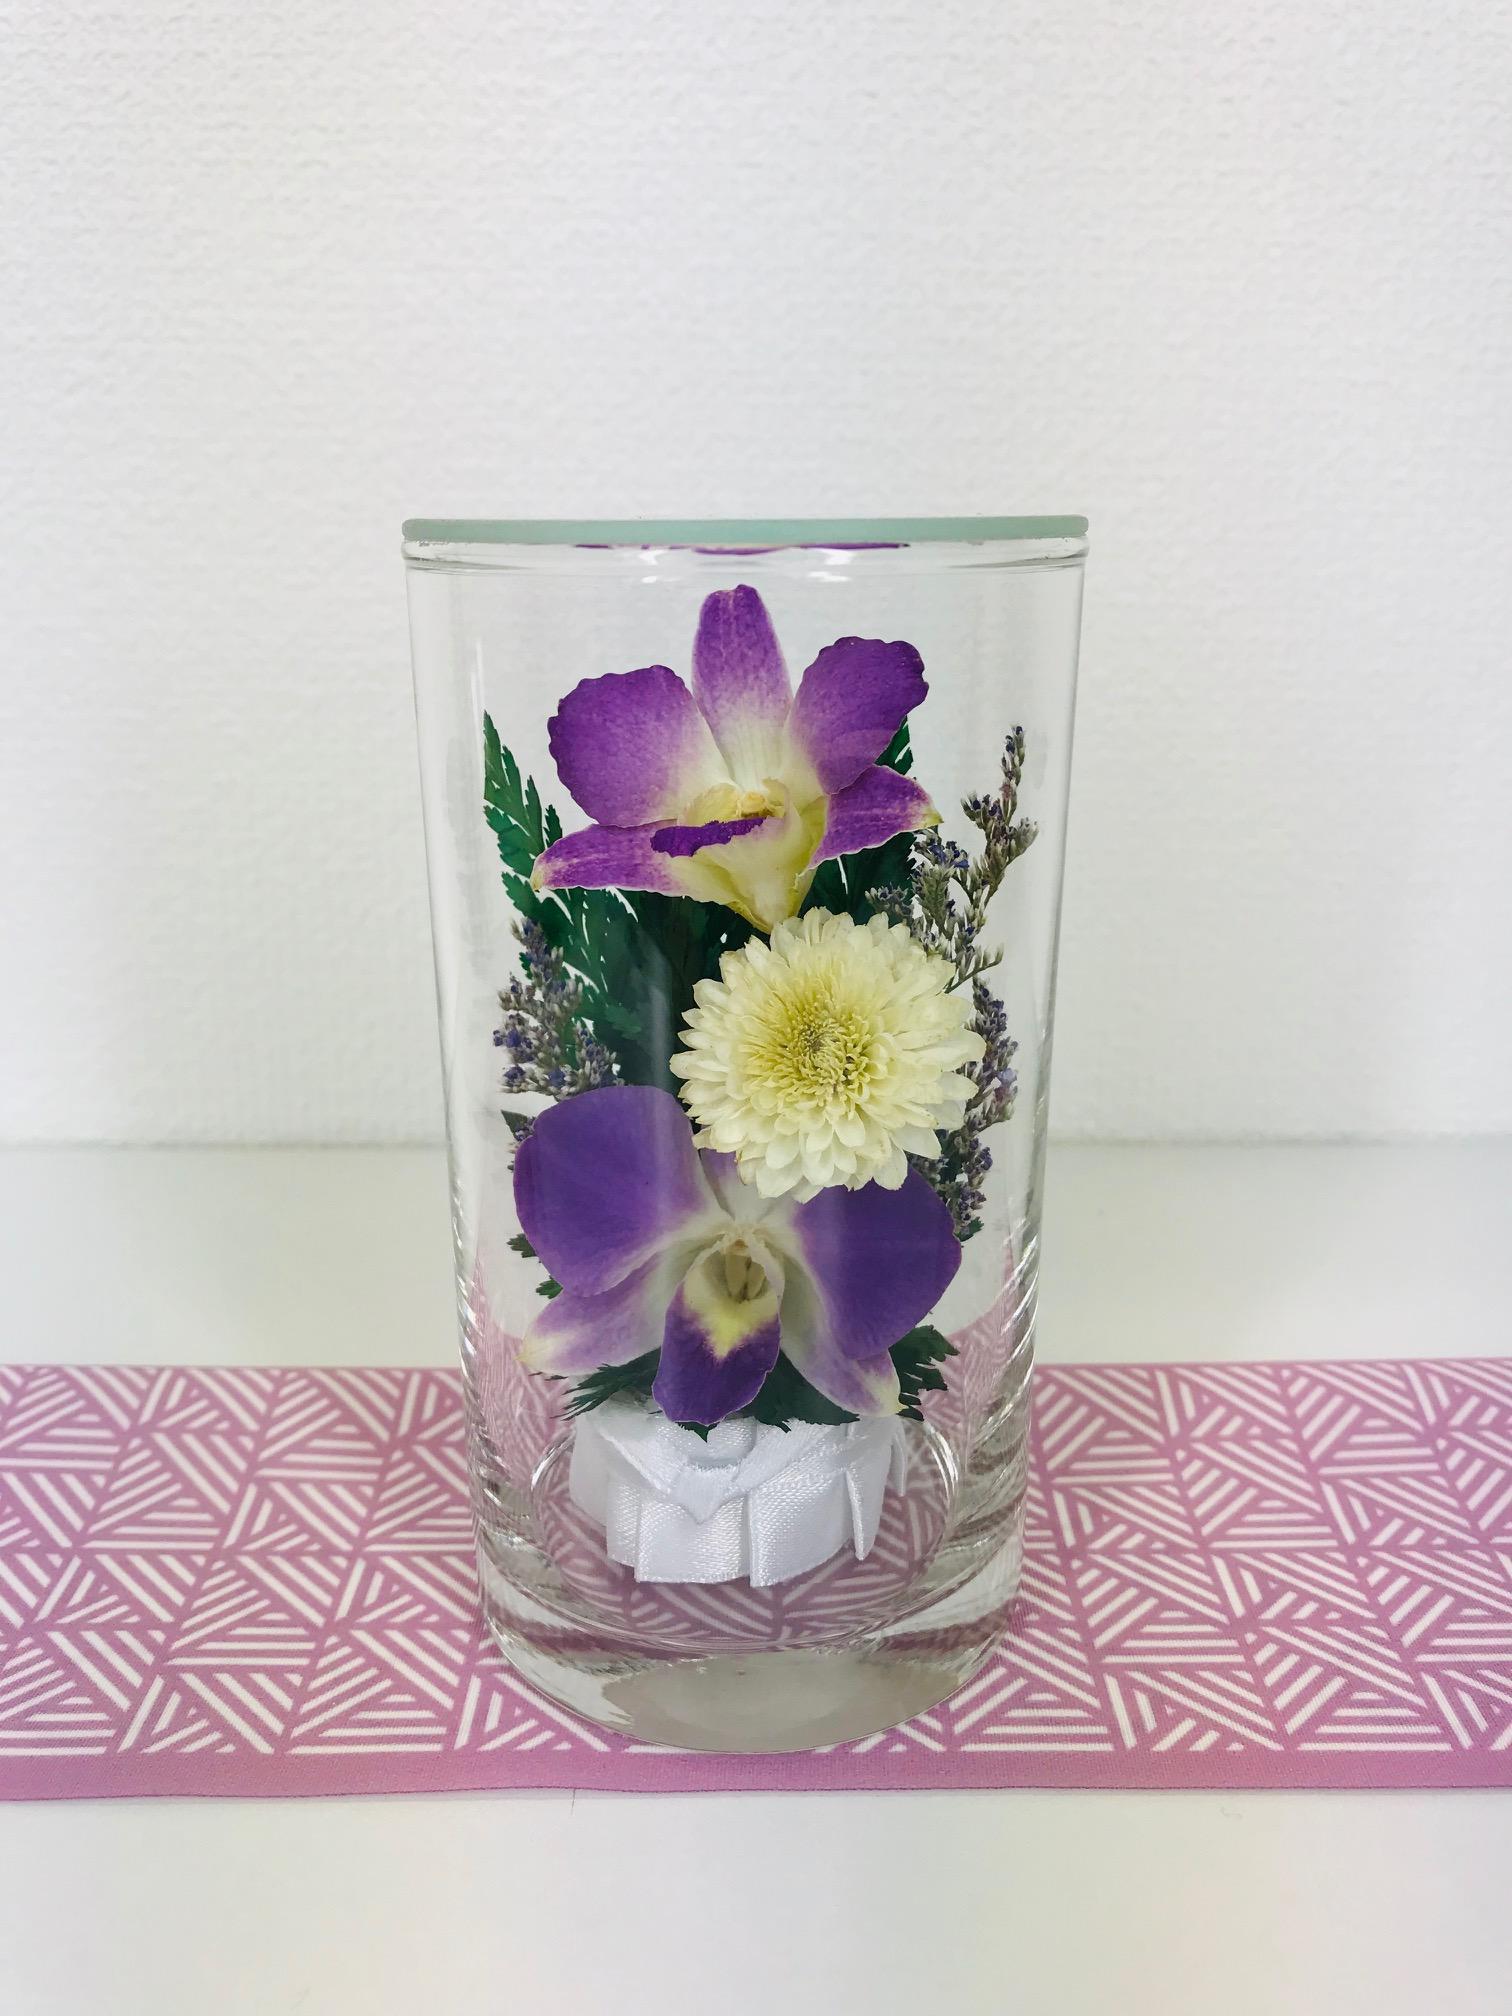 お盆のお供えに 仏花 ドライフラワー 双紫(そうし) 1個 - 1